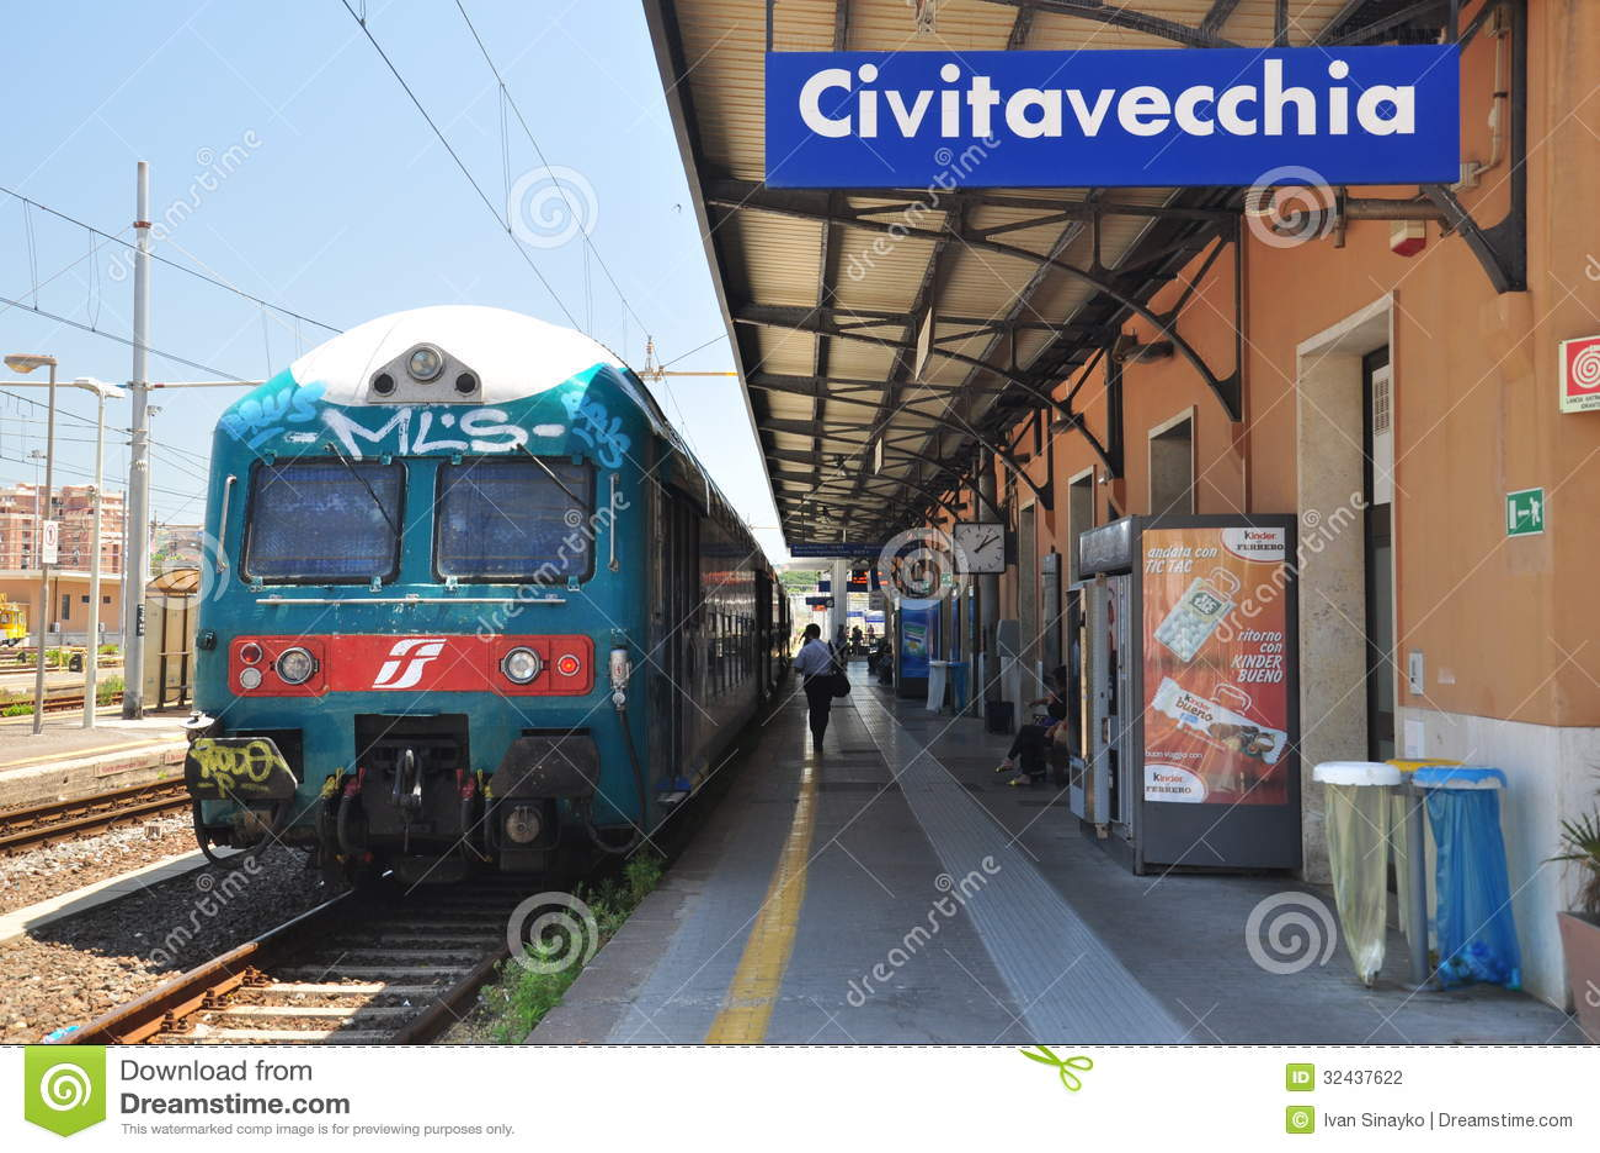 Civitavecchia train staition editorial photography image 32437622 - Transfer from rome to civitavecchia port ...